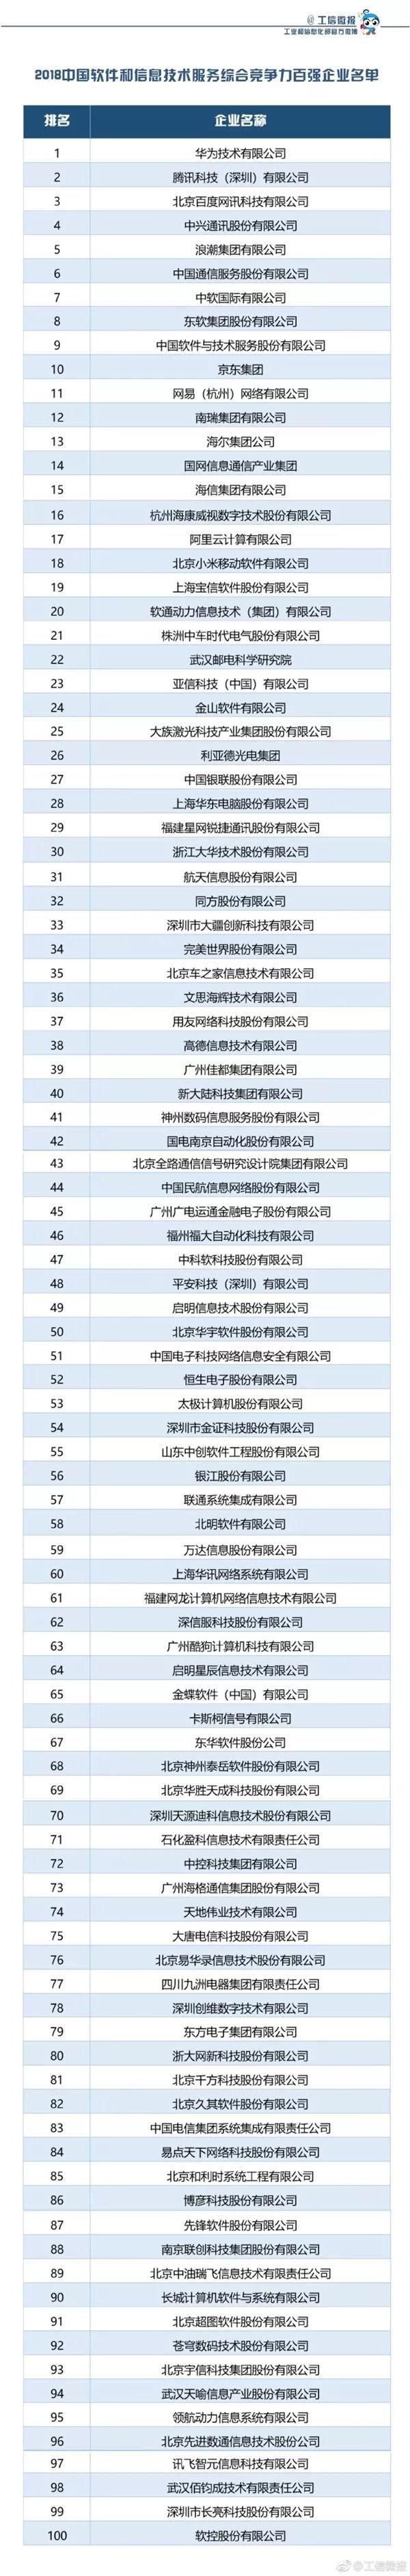 工信部发布!中国软件最强企业是它:腾讯第二的照片 - 2